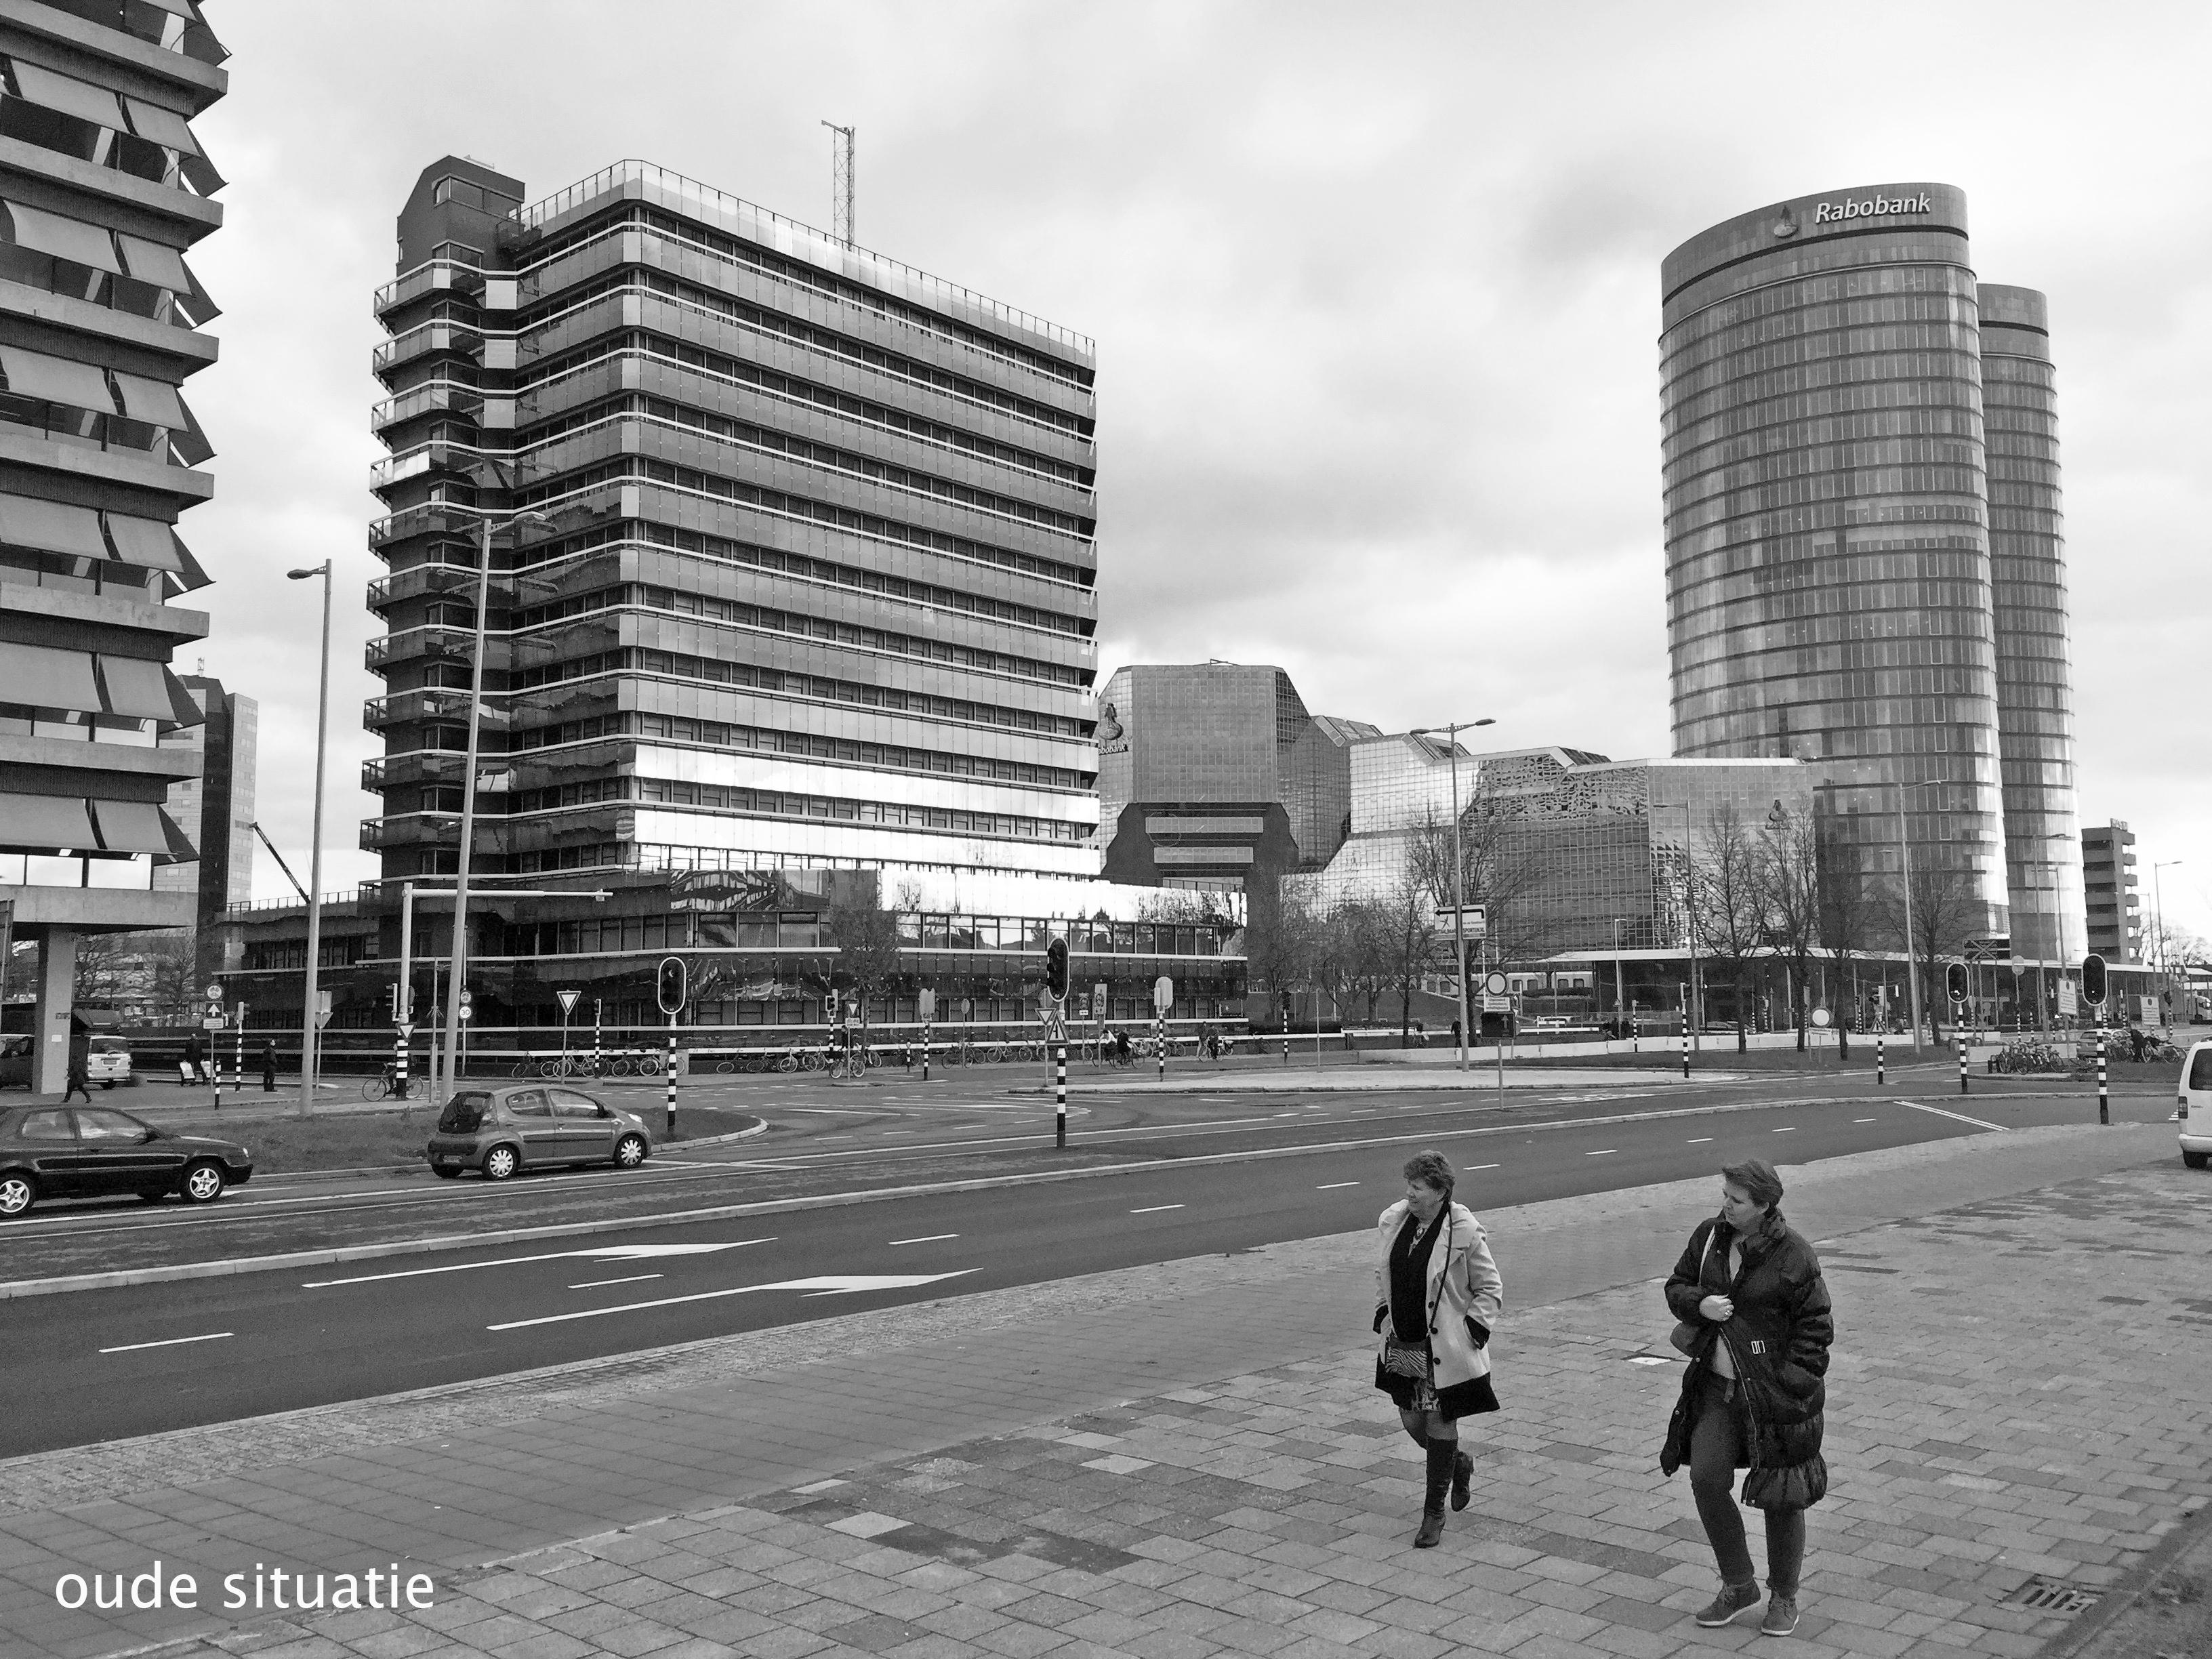 <p>Beeld Leon van Woerkom, De Knoop, Utrecht – cepezed</p>